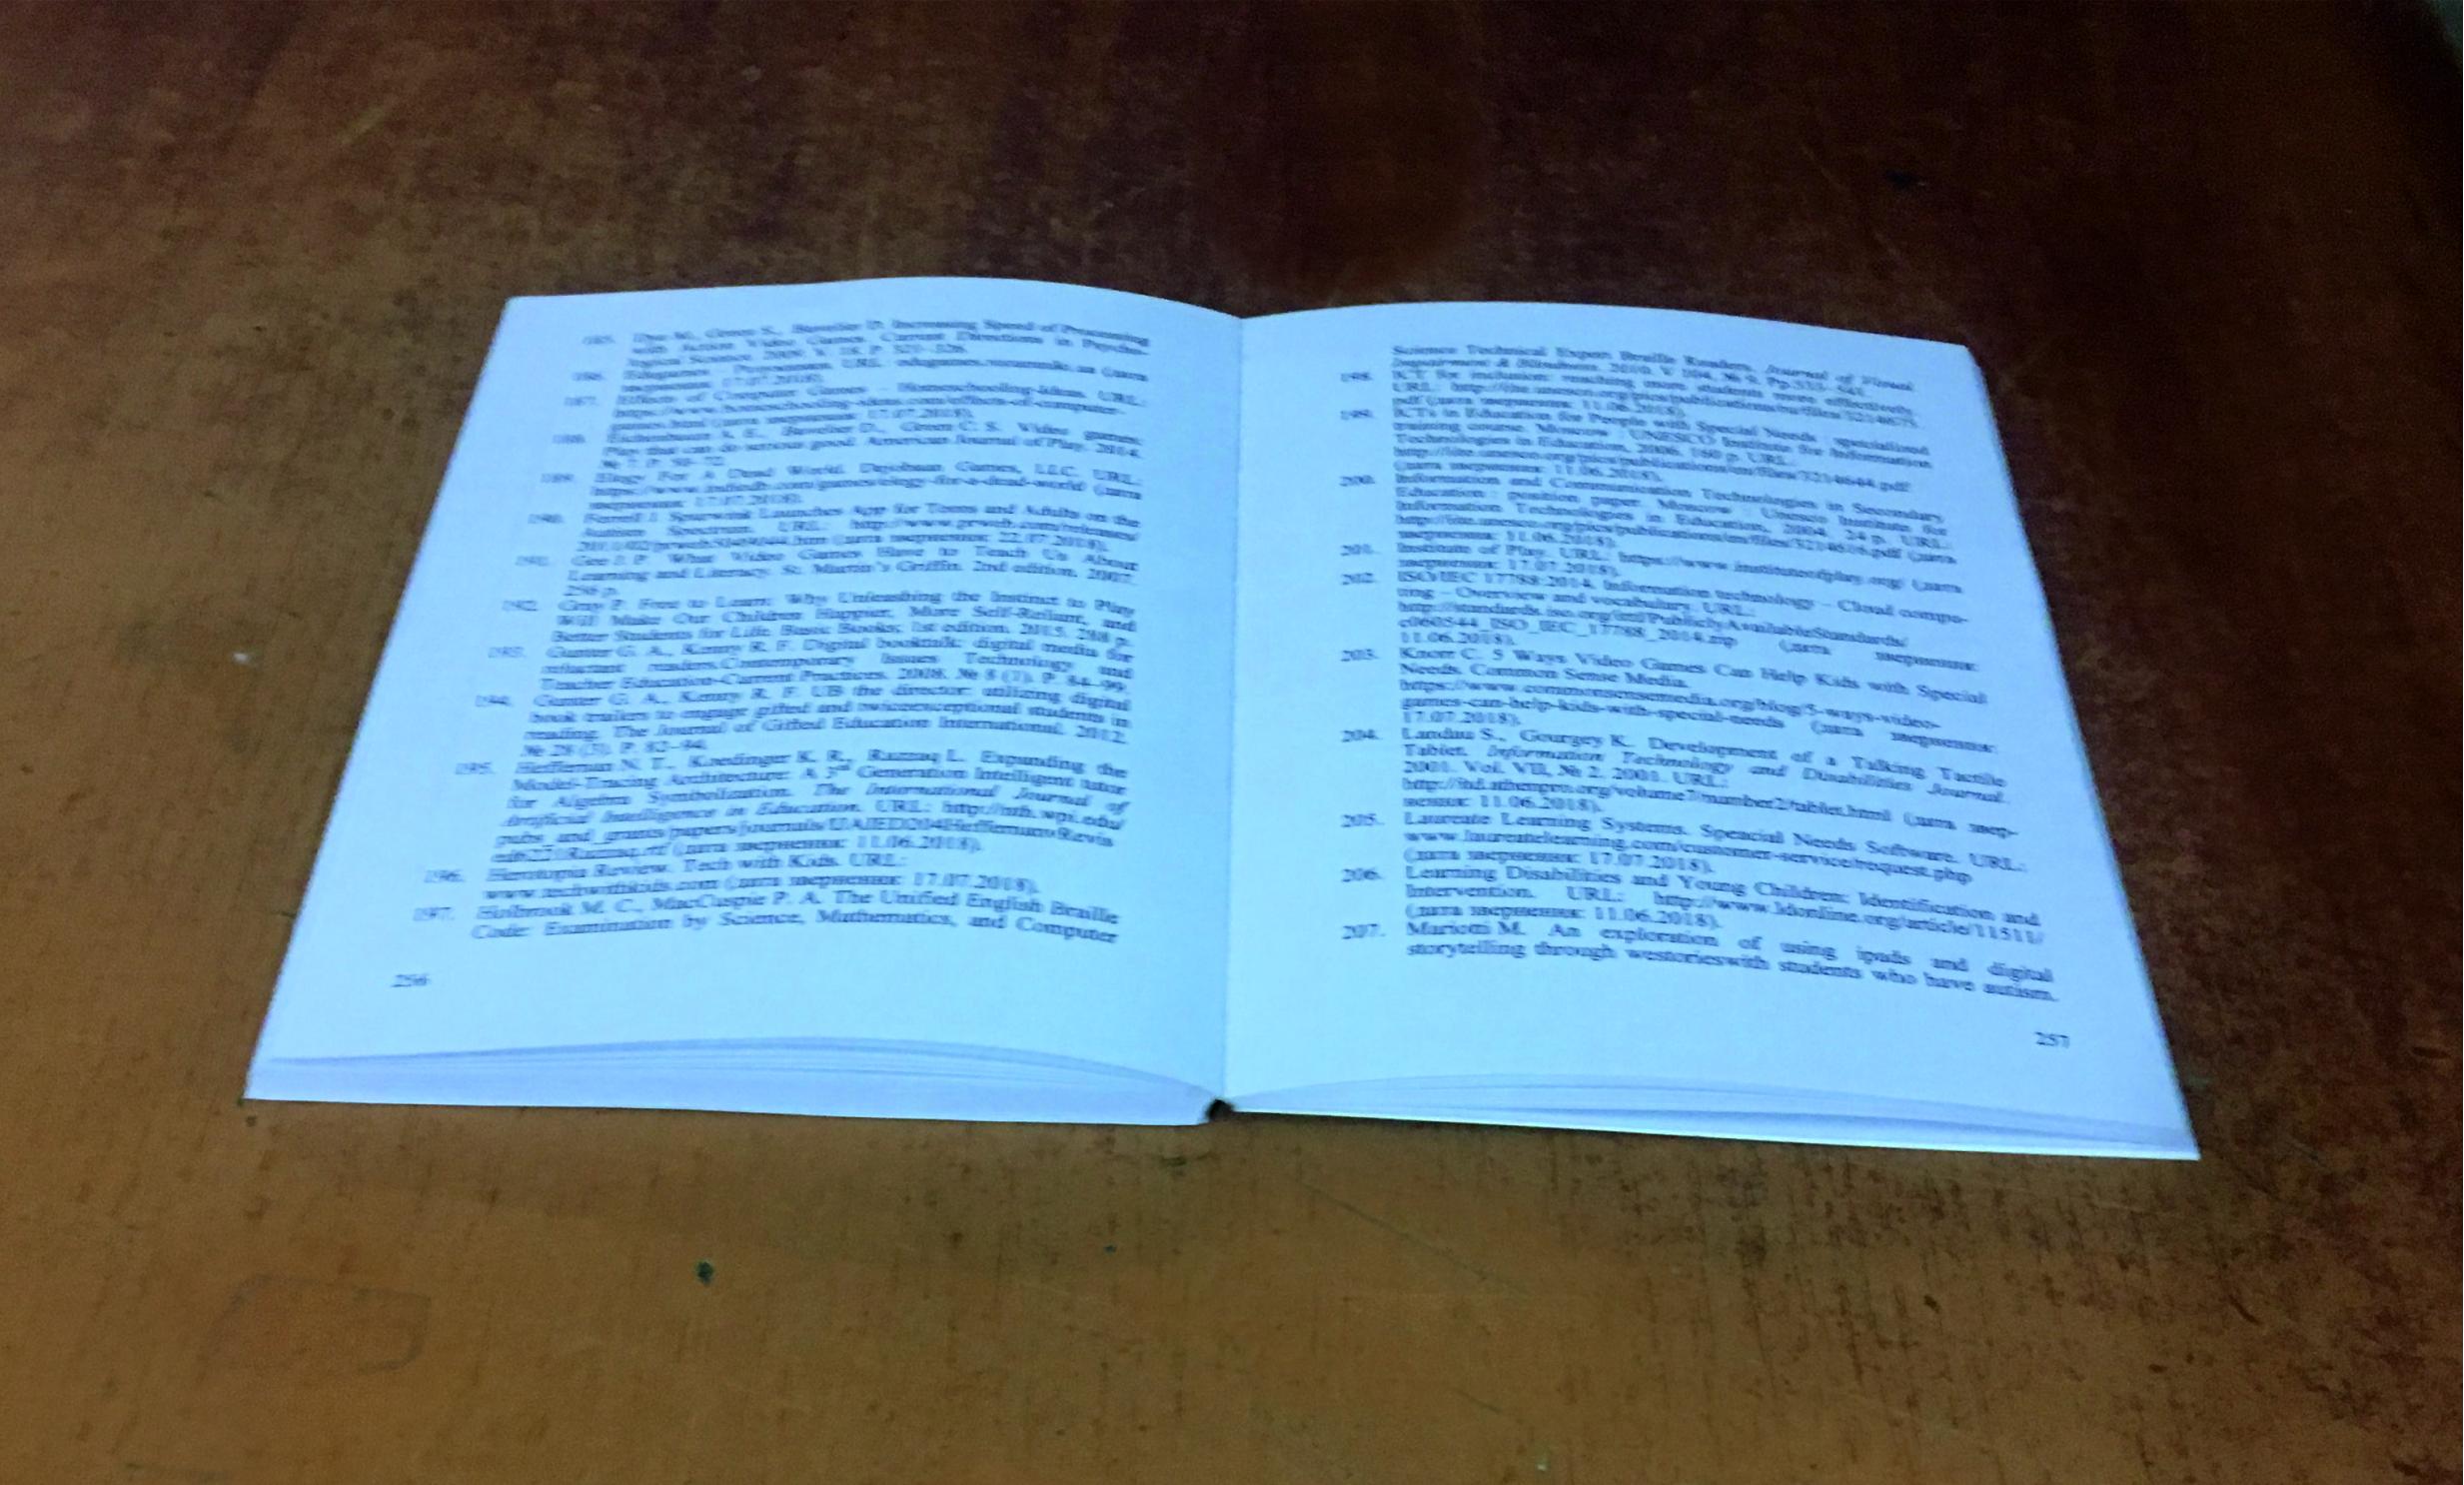 Печать книги в мягкой обложке с премиум клеем